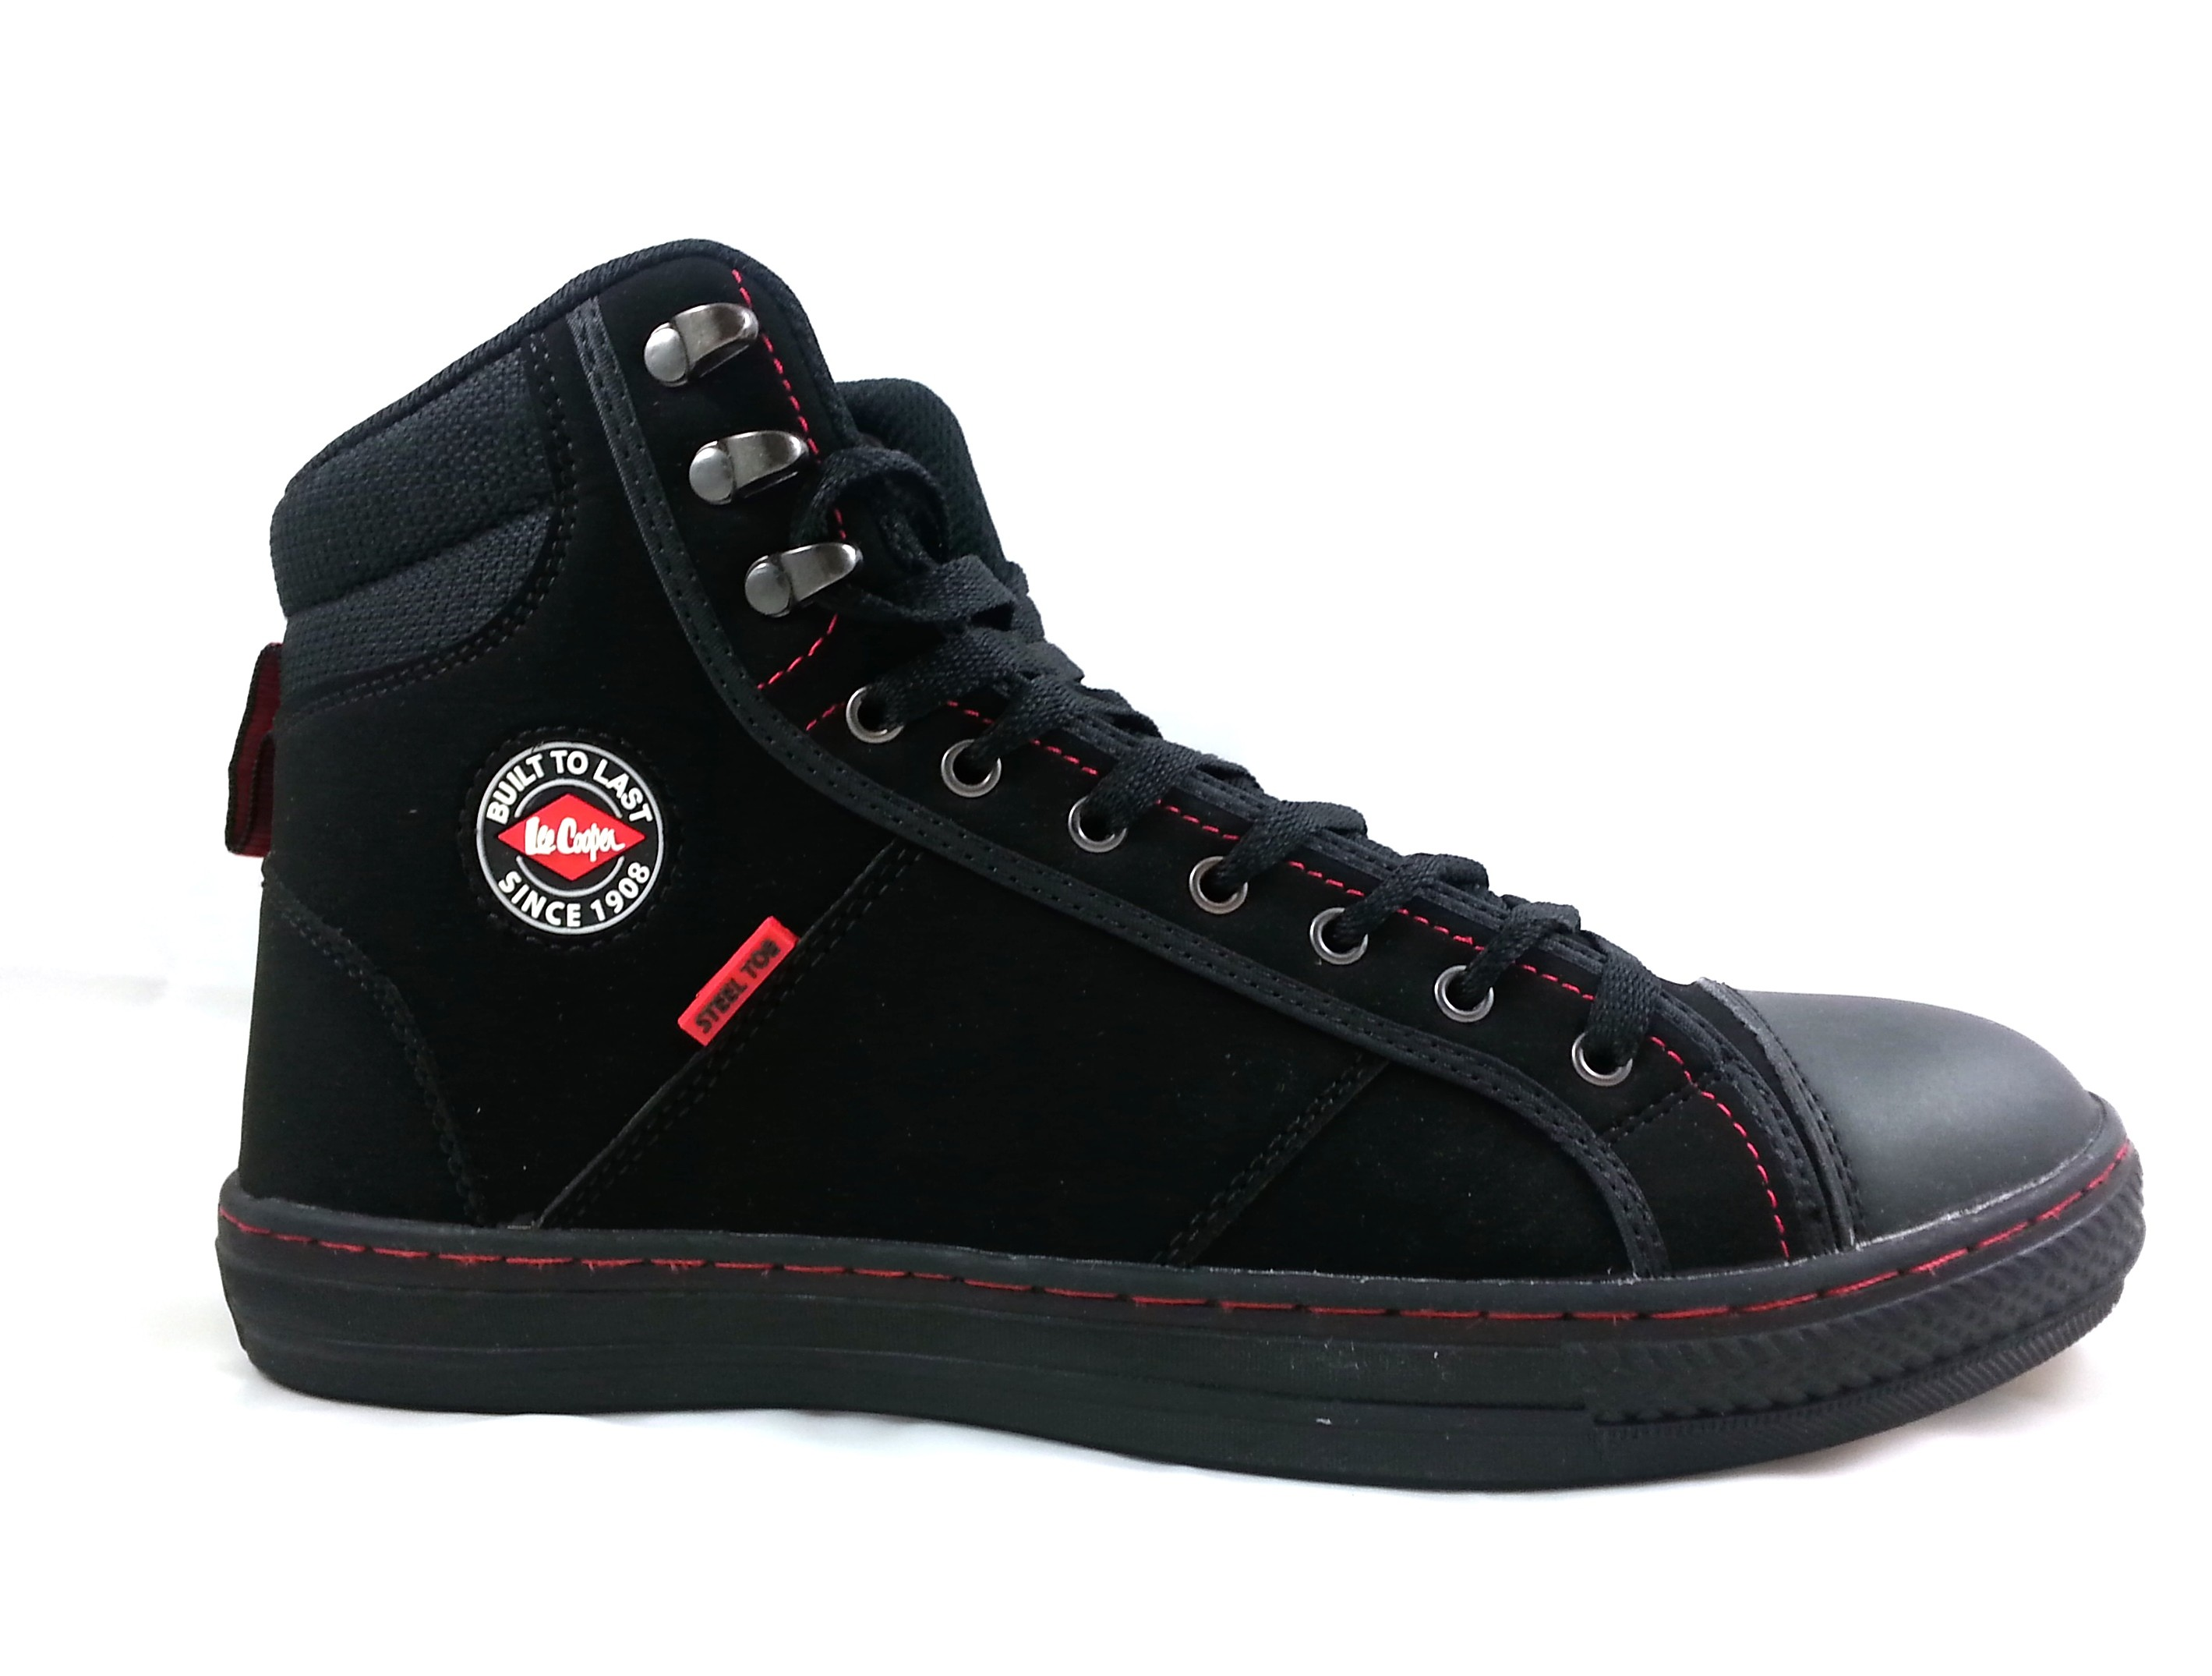 Chaussures de travail style converse SB Lee Cooper vue côté - Chaussures Pro